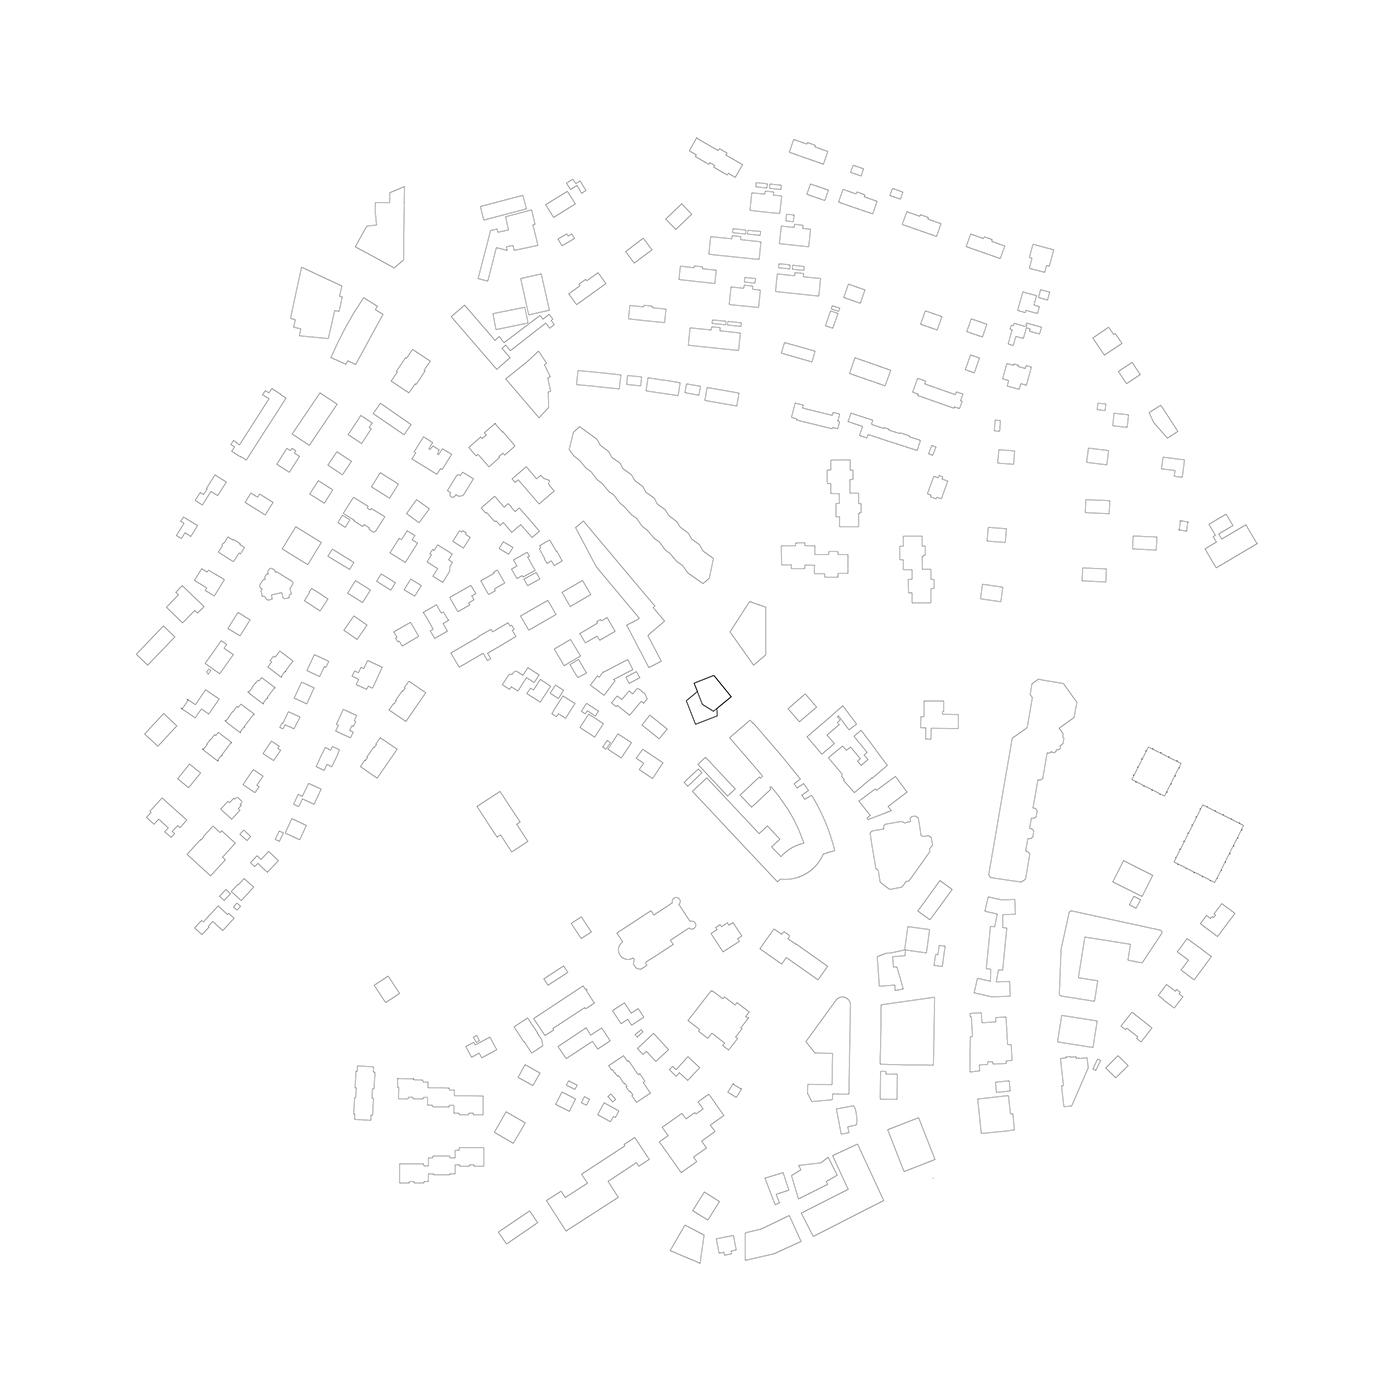 buan architekten – Studienauftrag Kanzlei-Kreisel Emmenbrücke – Schwarzplan